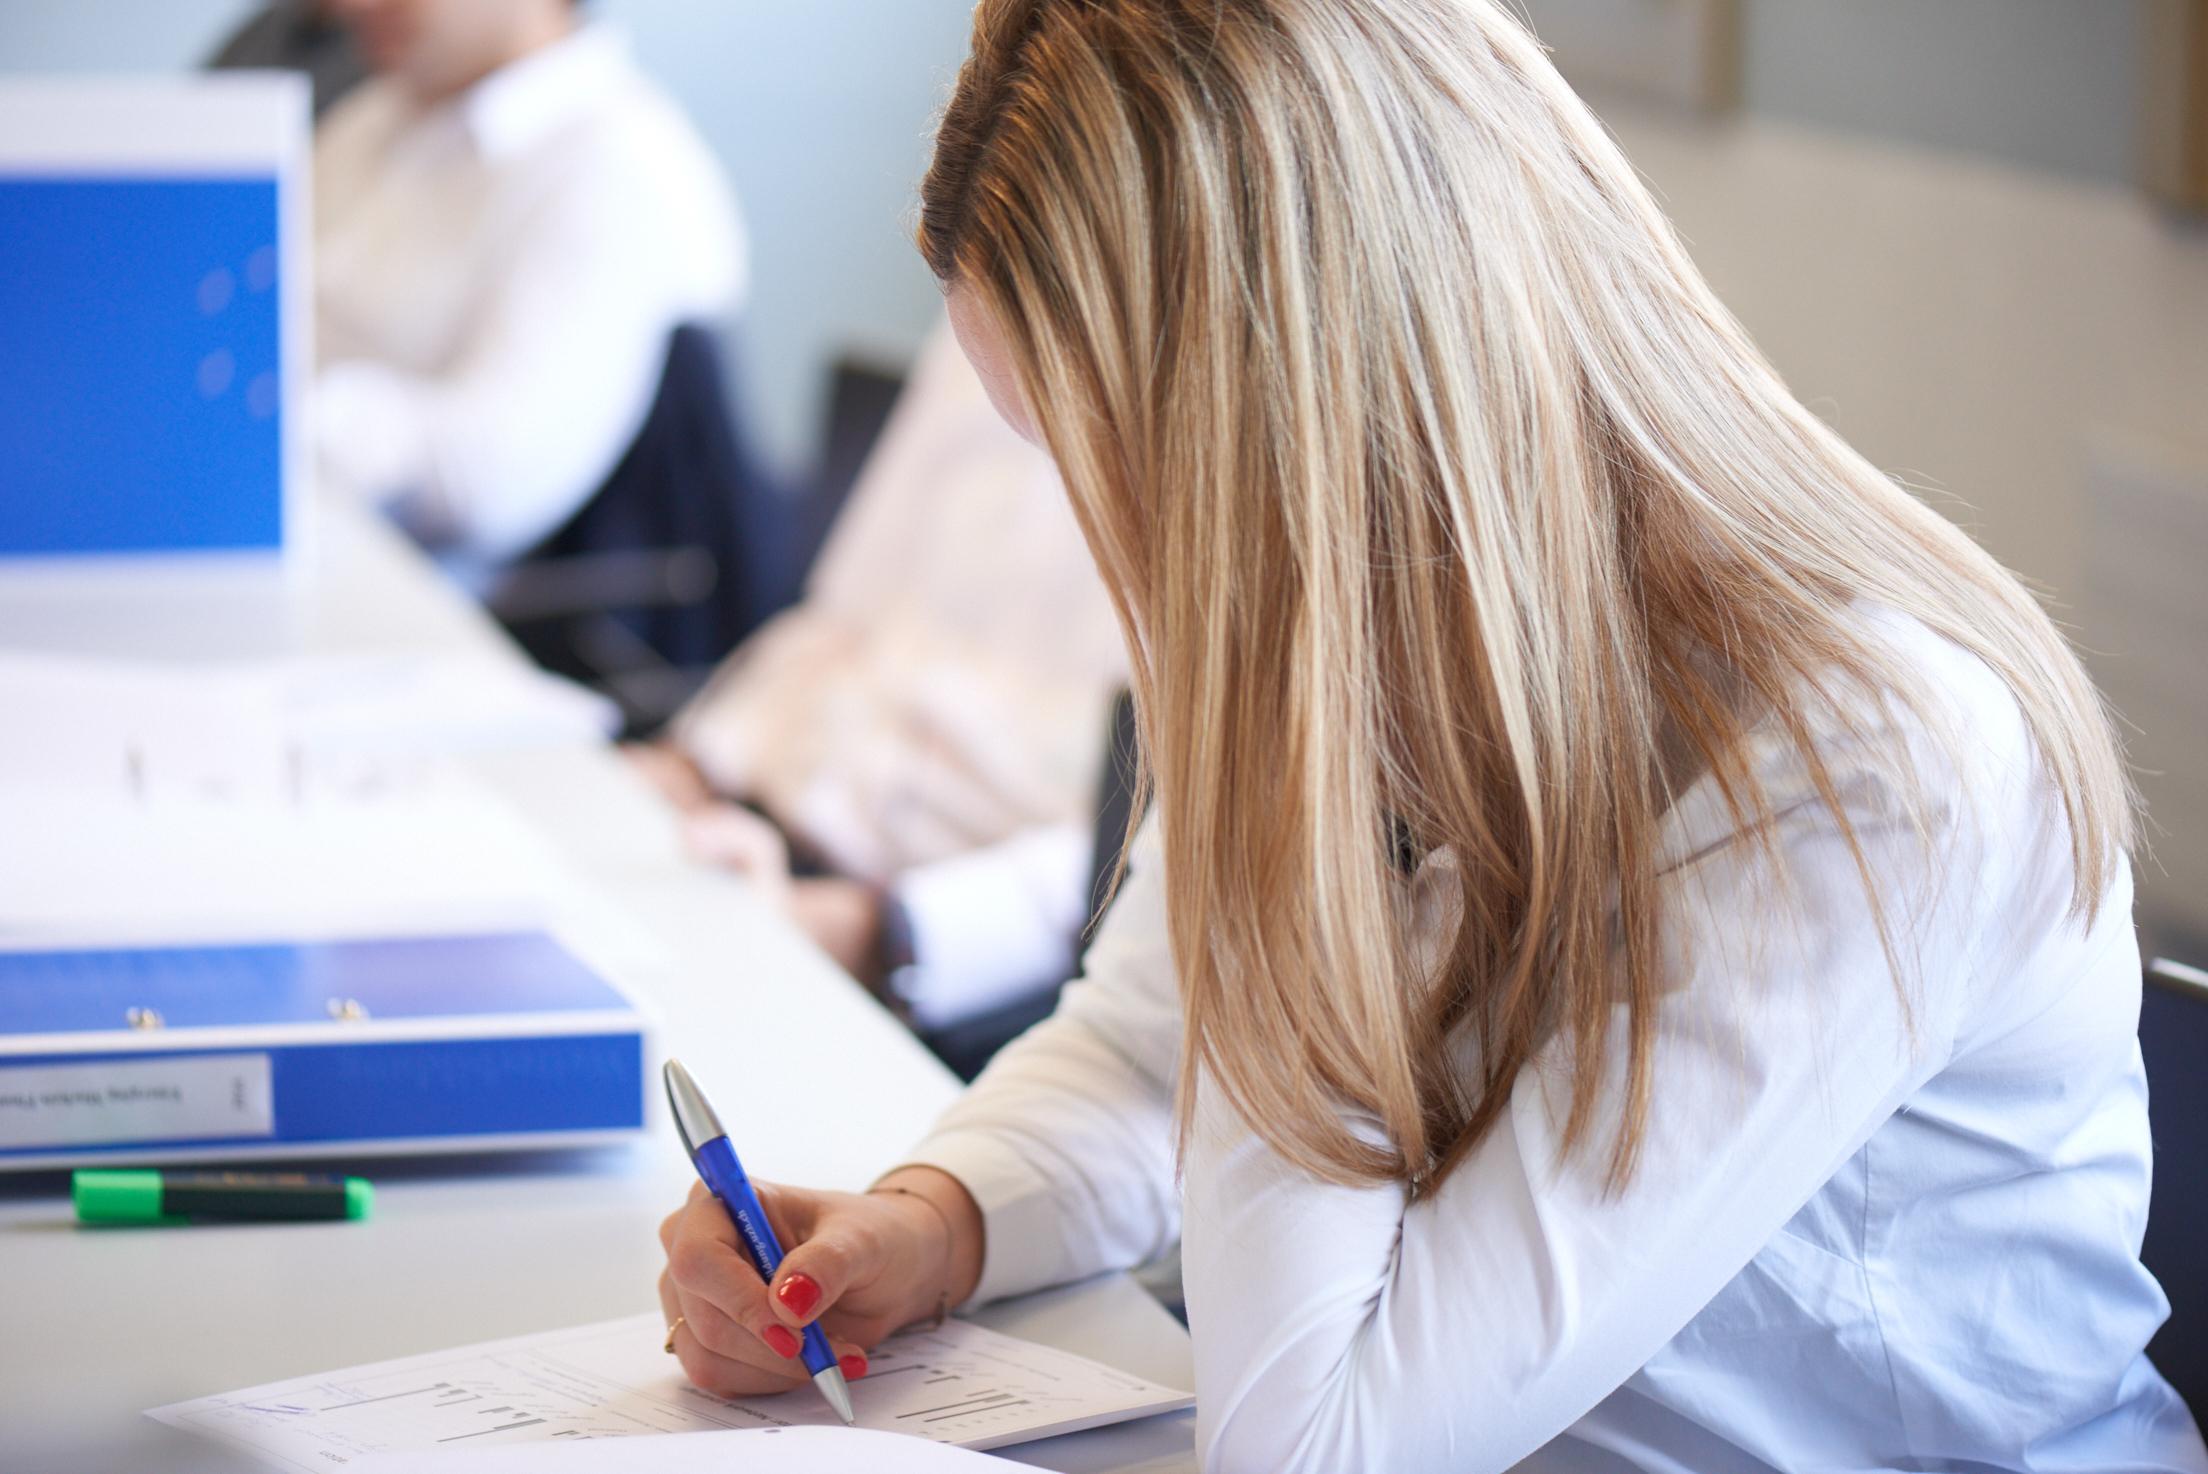 Uzh finance weiterbildung for Weiterbildung innenarchitektur schweiz